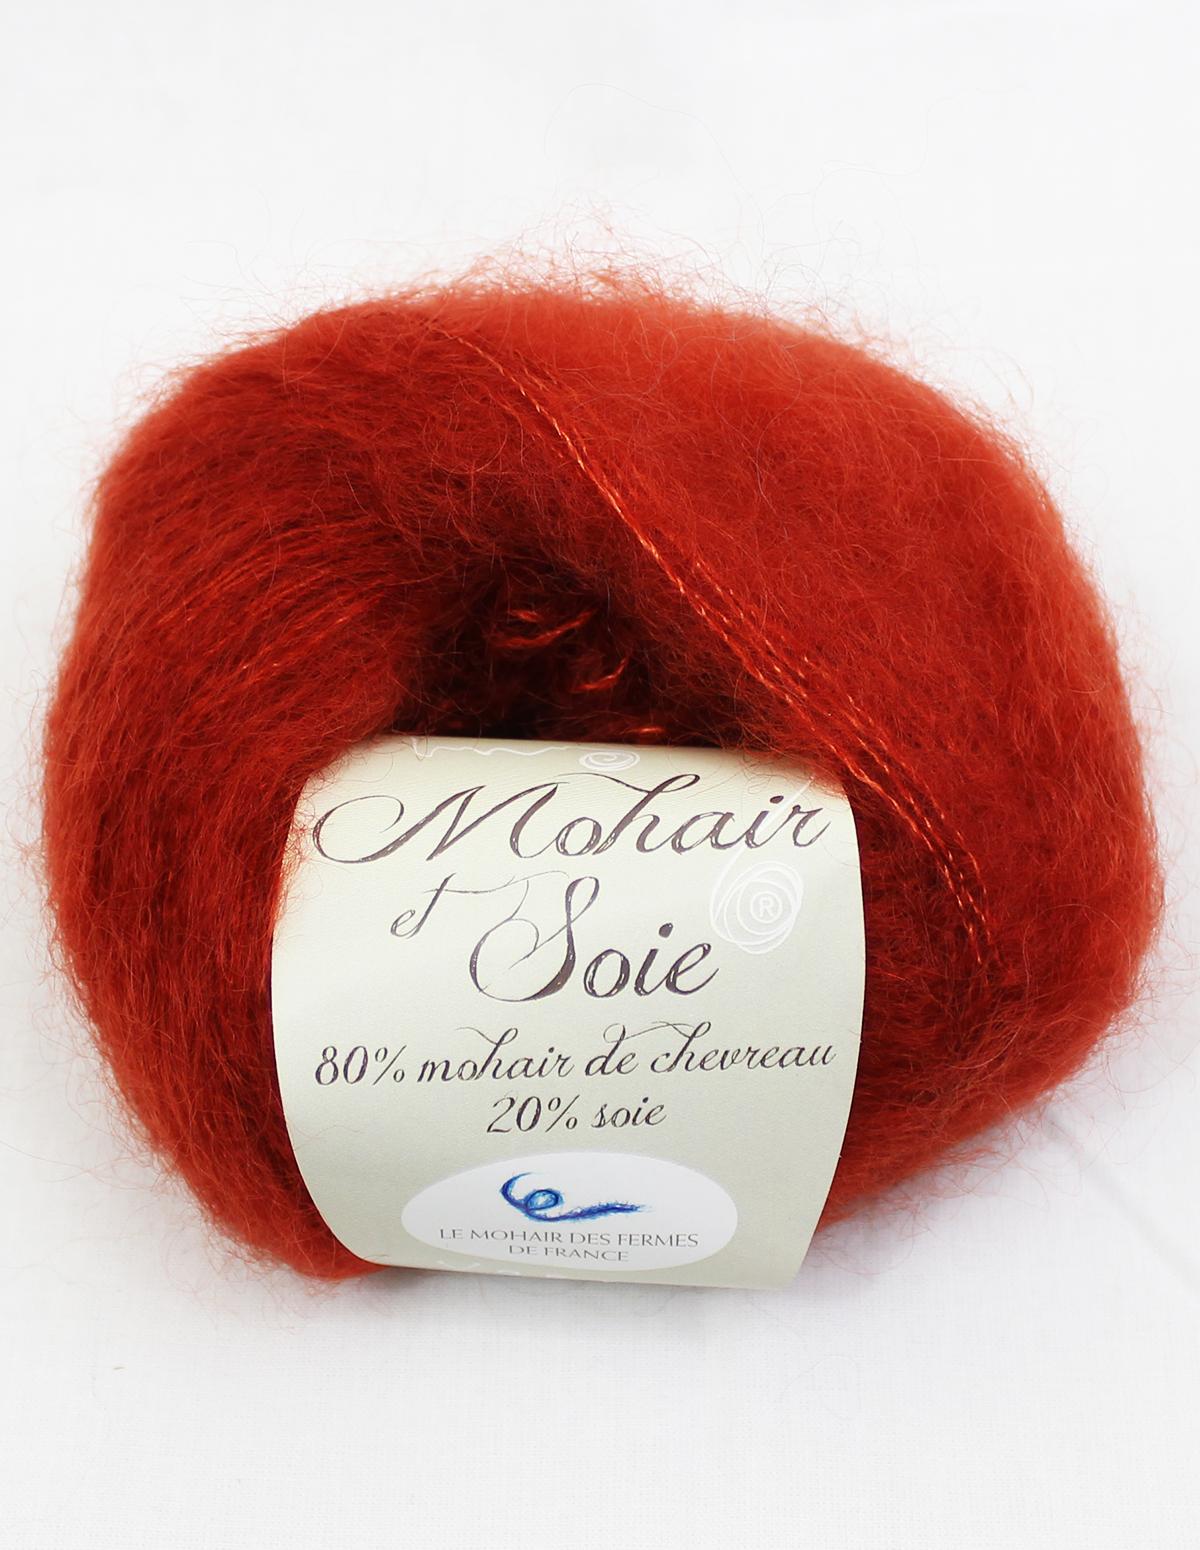 Pelote-Mohair-et-Soie-ECUREUIL-1-Une-Ferme-a-la-Bassette